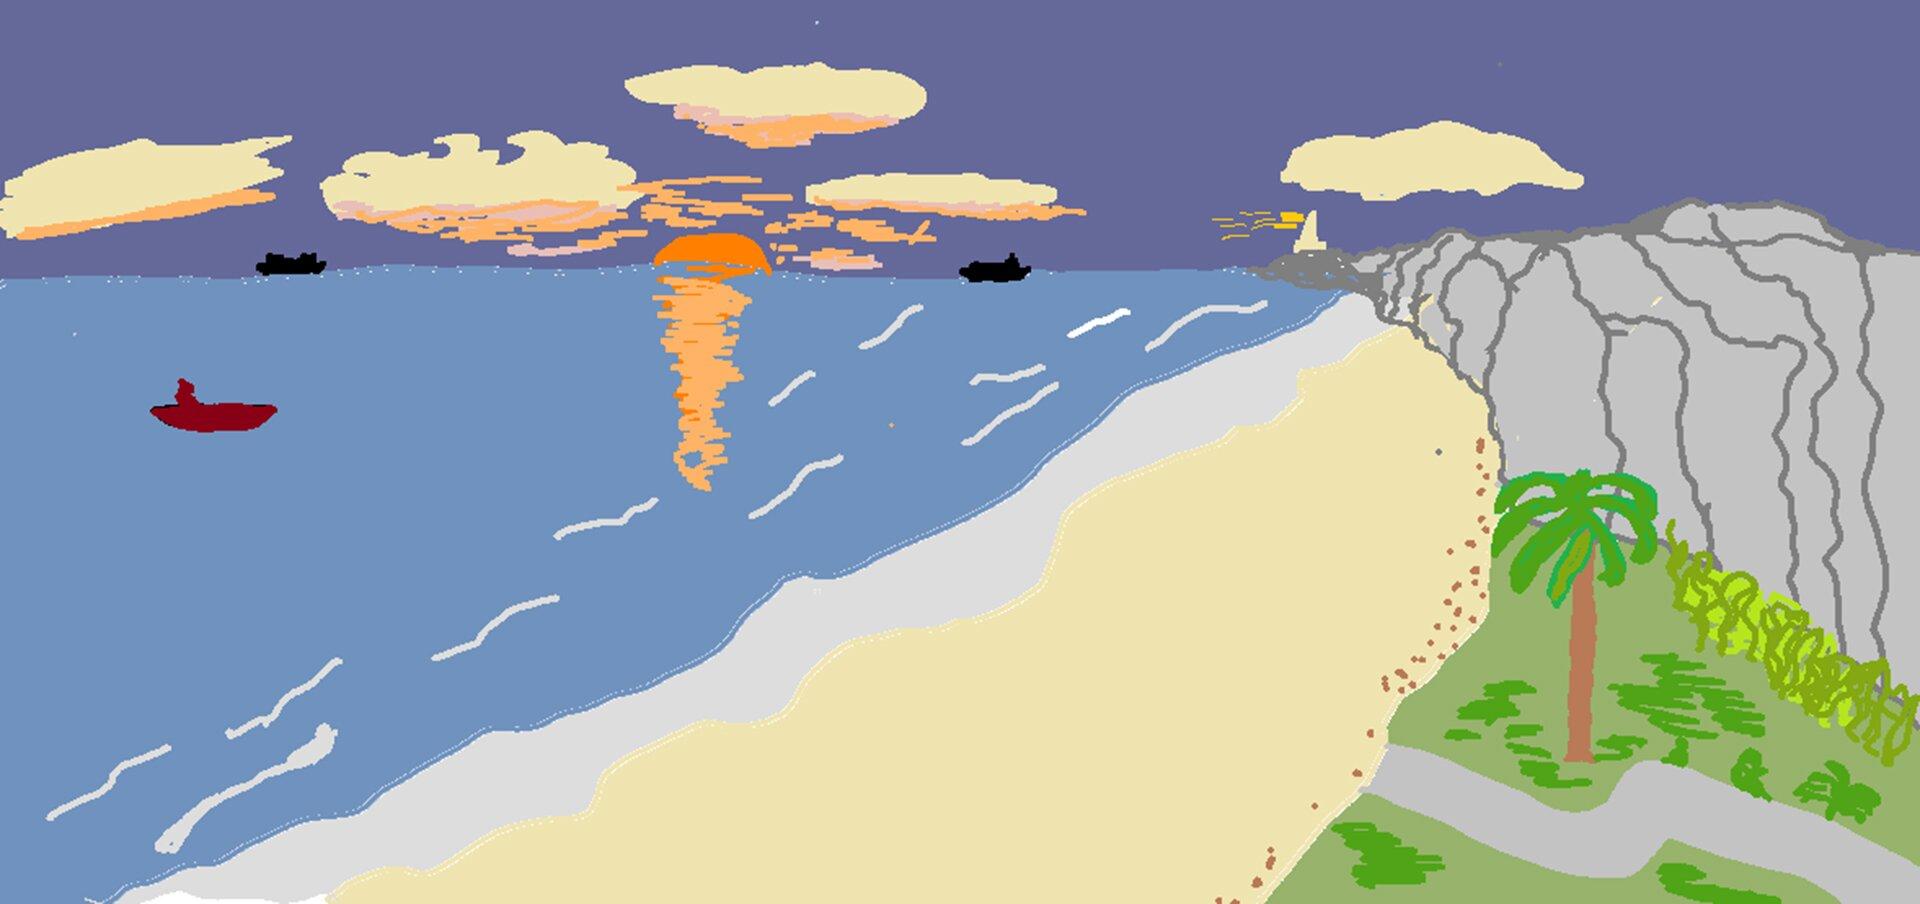 Ilustracja przedstawiająca zachód nad morzem